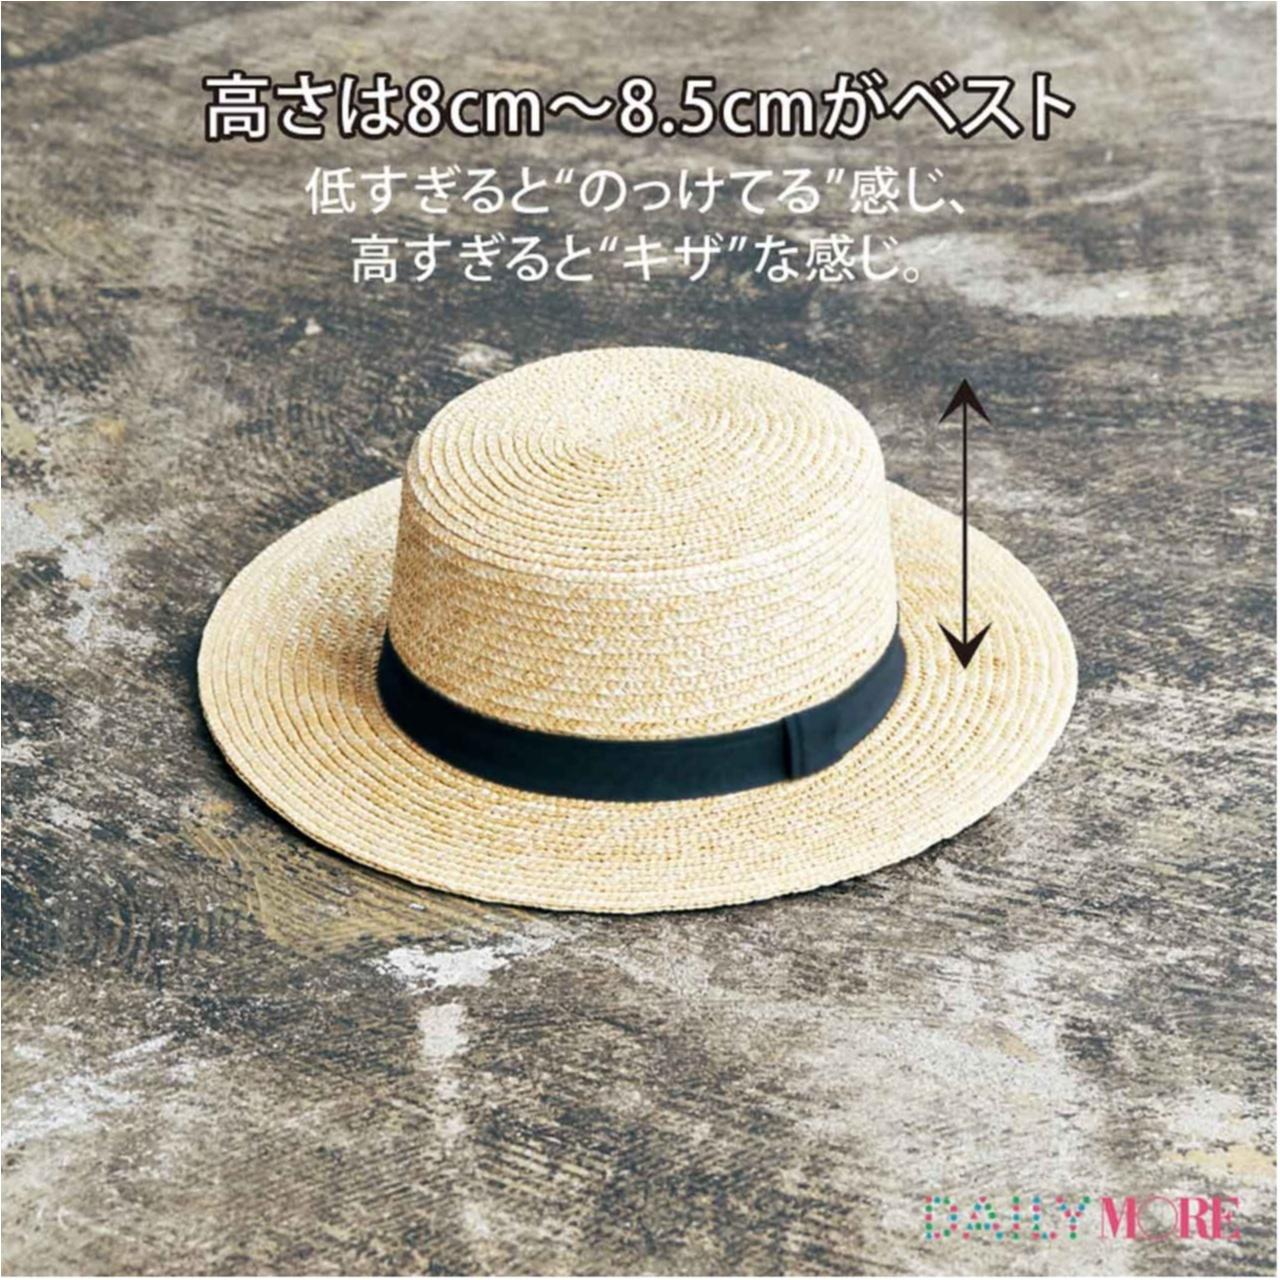 「スタイリスト辻村さんのオススメバッグ」「カンカン帽」「白のさし色」など、もっとおしゃれになれるアイデア記事がヒット☆ 今週のファッション人気ランキングトップ3!_1_2